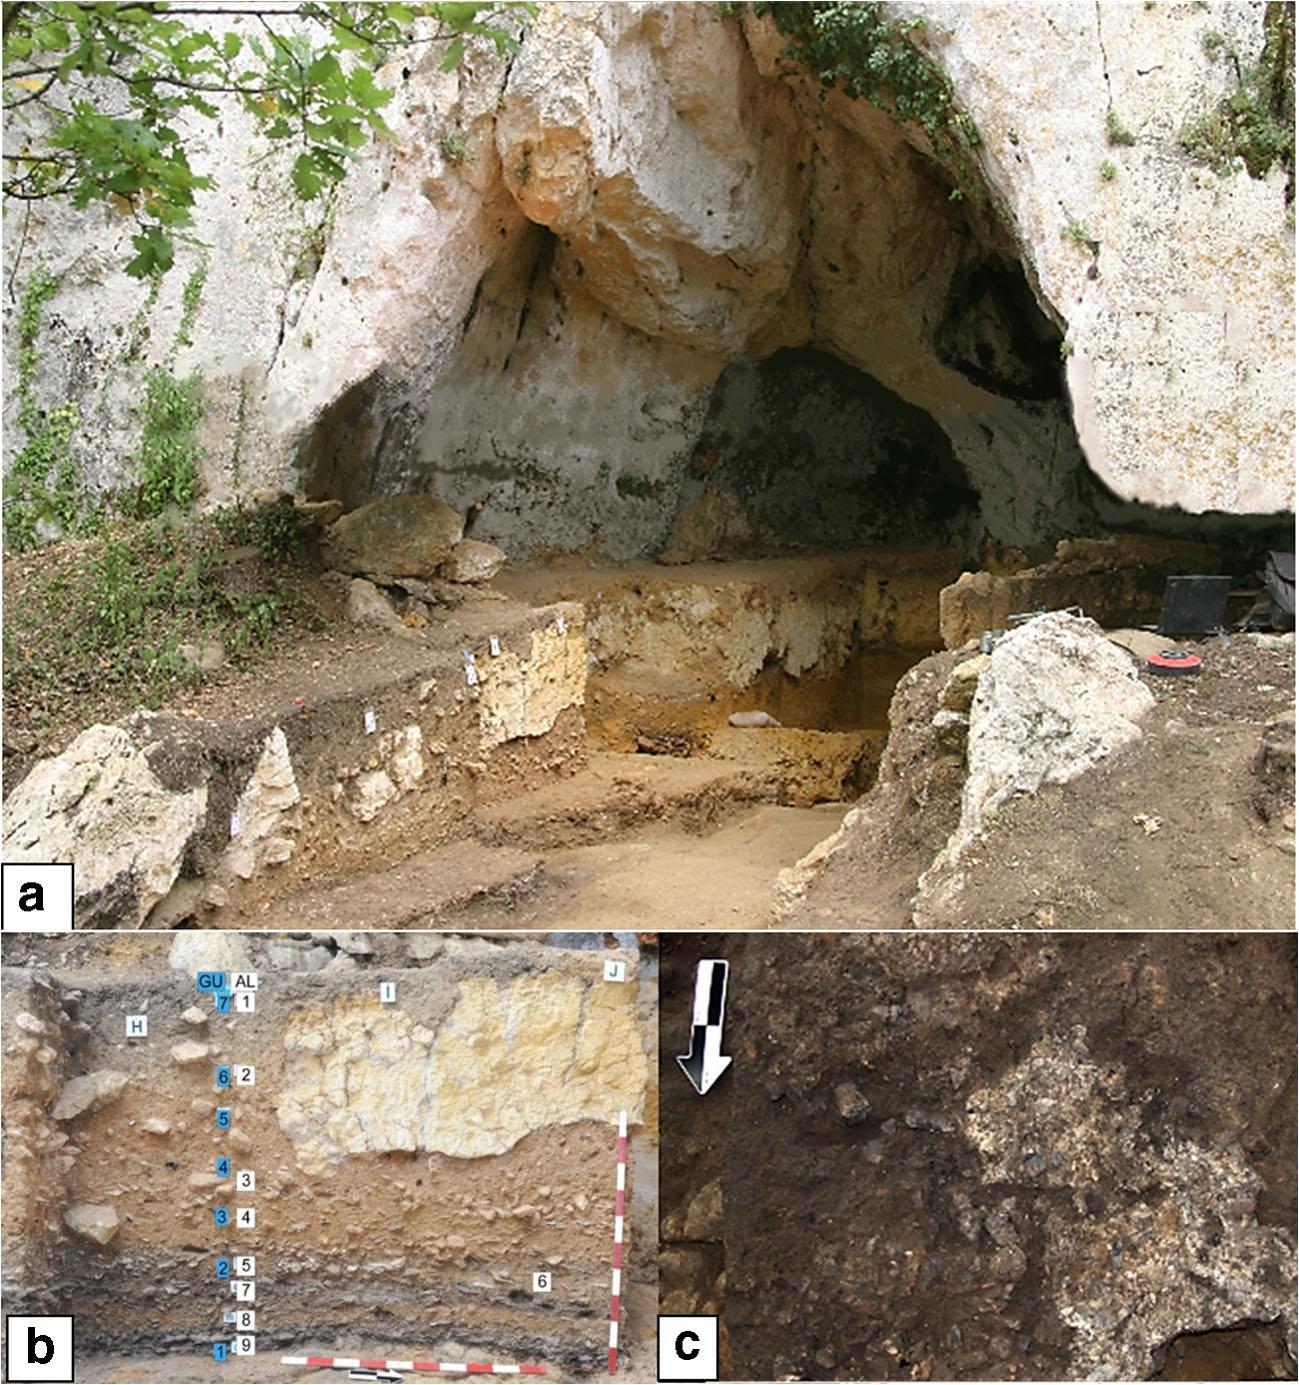 Раскопки впещере Рок де Марсаль. а) общий вид снаружи пещеры, b) западная стенка раскопа сотмеченными археологическими слоями, с) фрагмент слоя 9 спризнаками горения: тёмные богатые углём отложения ссохранившимся пеплом